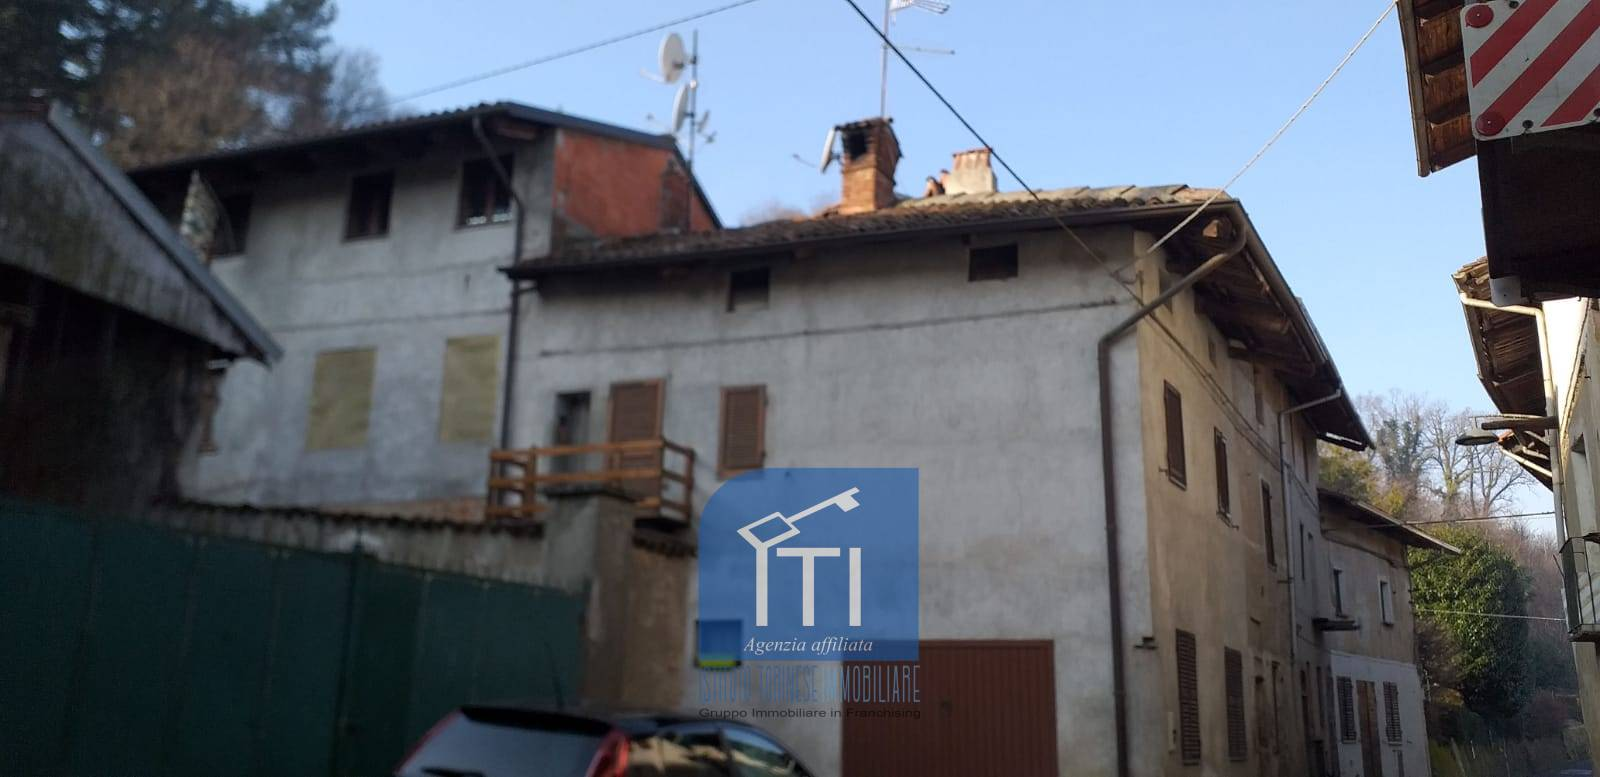 Soluzione Indipendente in vendita a Azeglio, 9 locali, prezzo € 66.000 | CambioCasa.it